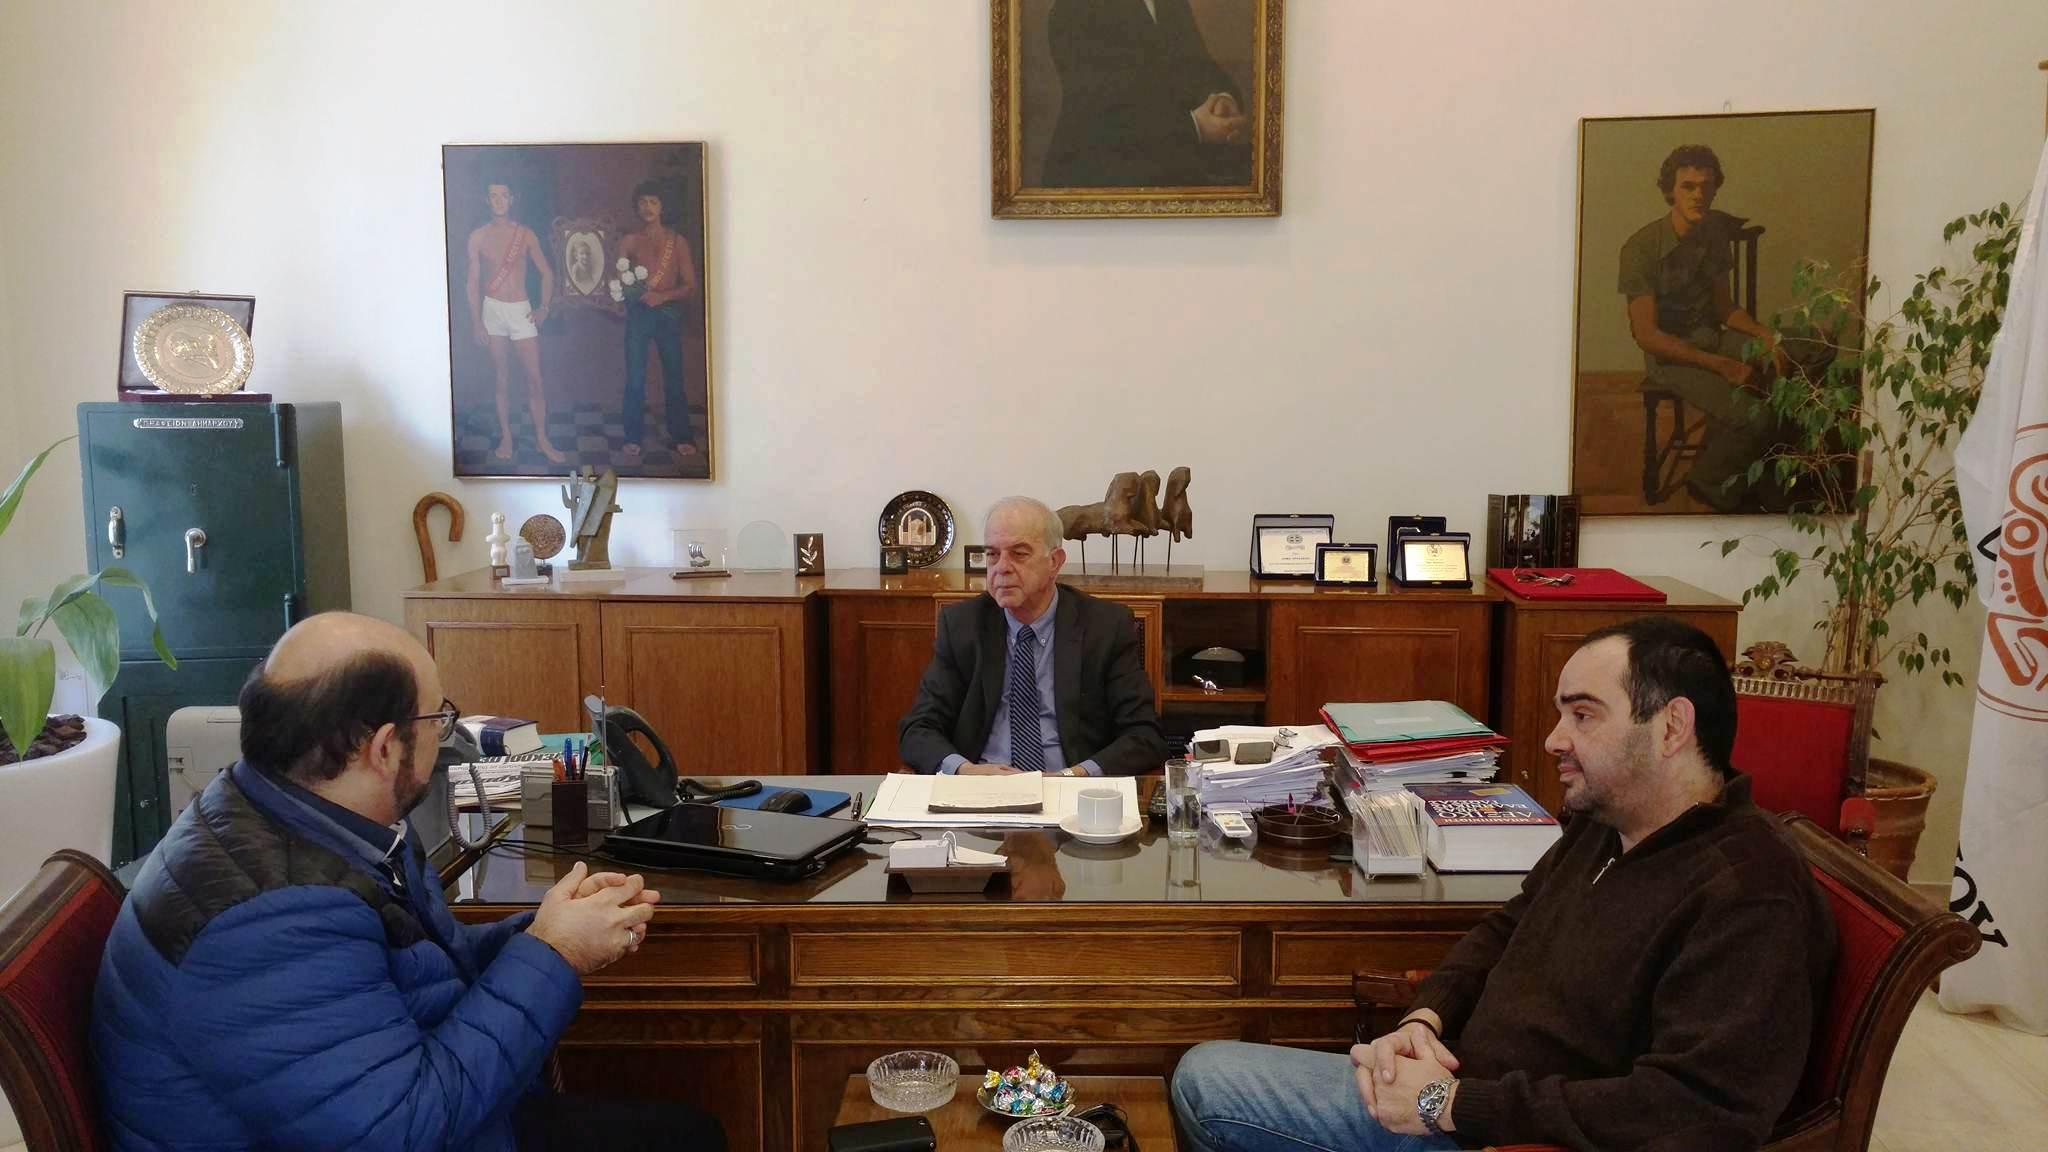 Στη διάθεση του Δήμου Ηρακλείου ο Μύρωνας Μιχαηλίδης